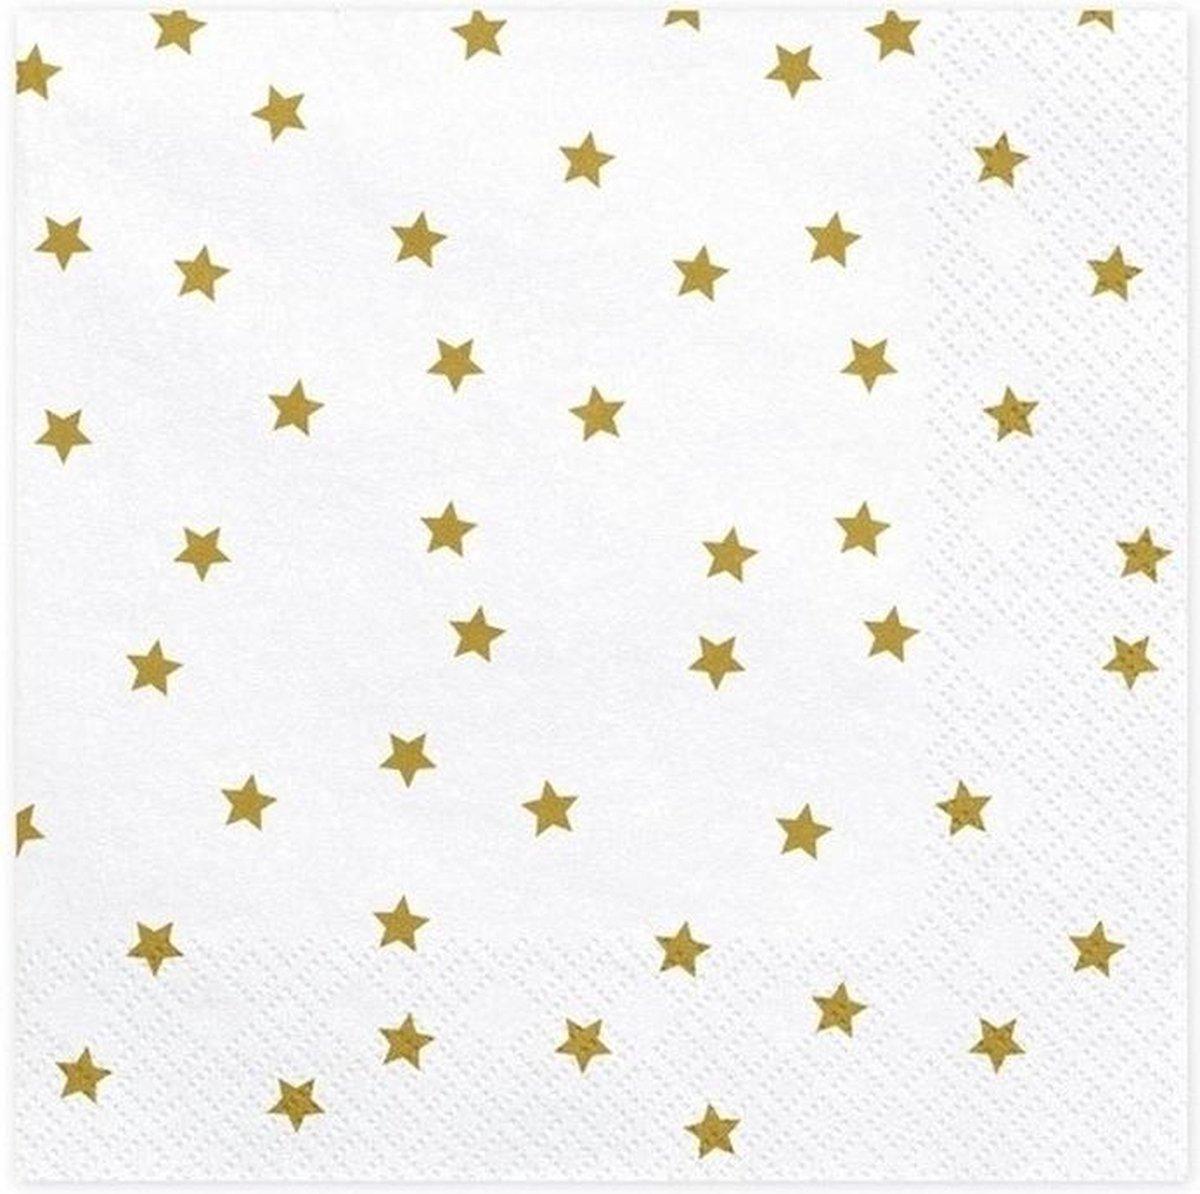 20x Kerst servetten met gouden sterren 33 cm - Merkloos